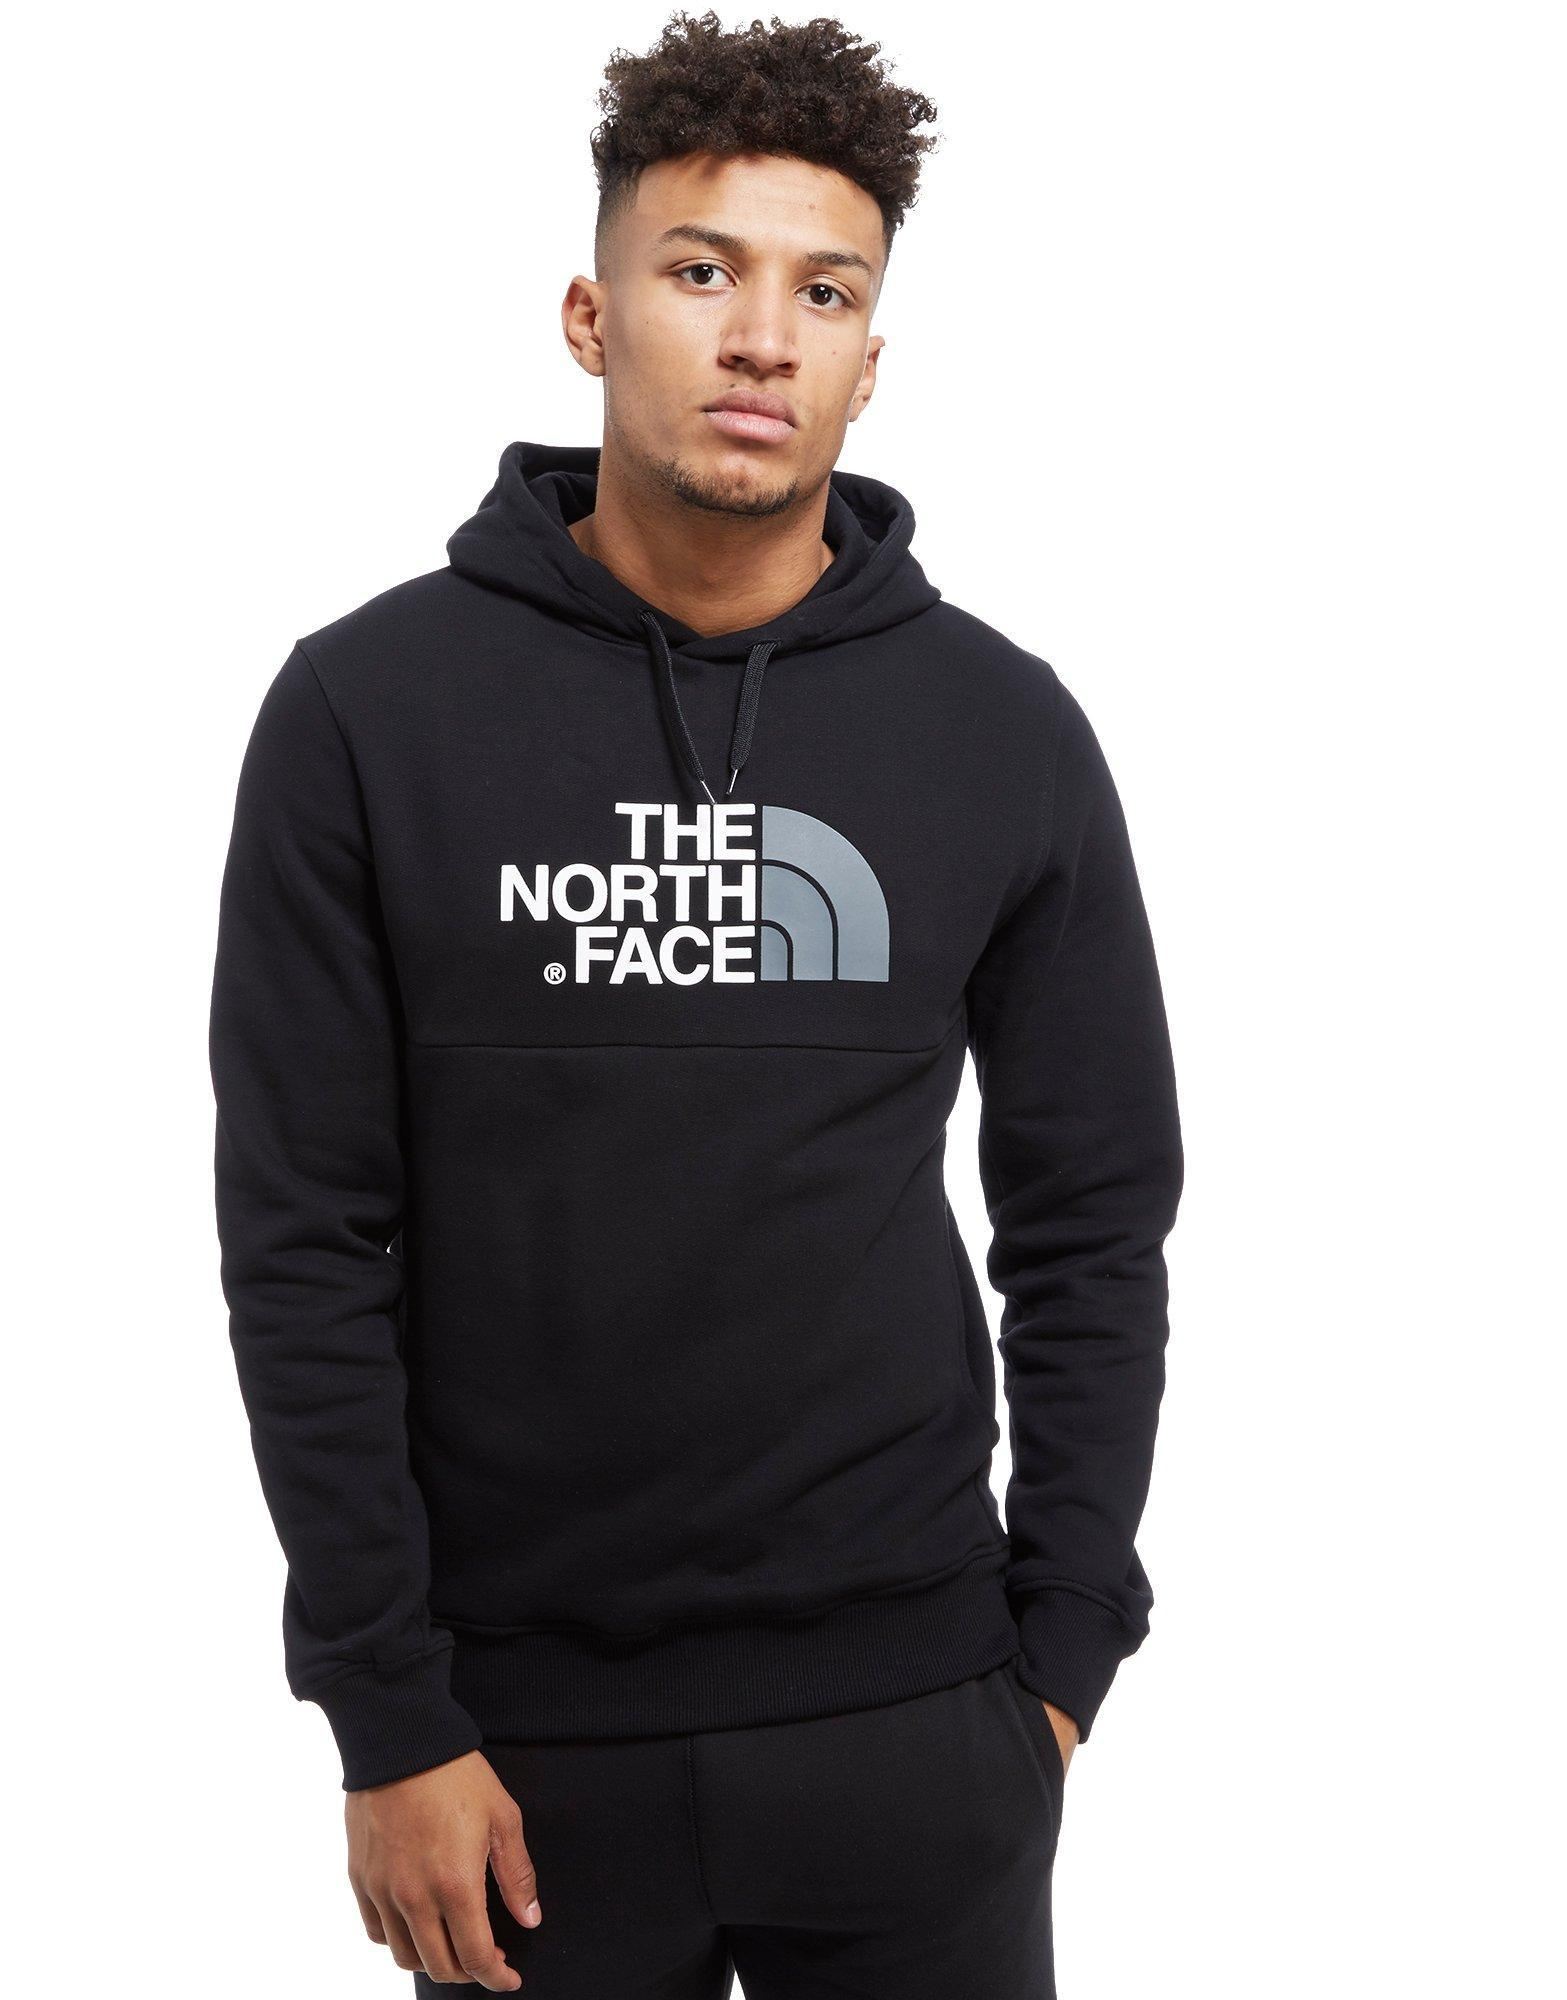 c30e2697d The North Face Bondi 17 Fleece Hoody in Black for Men - Lyst